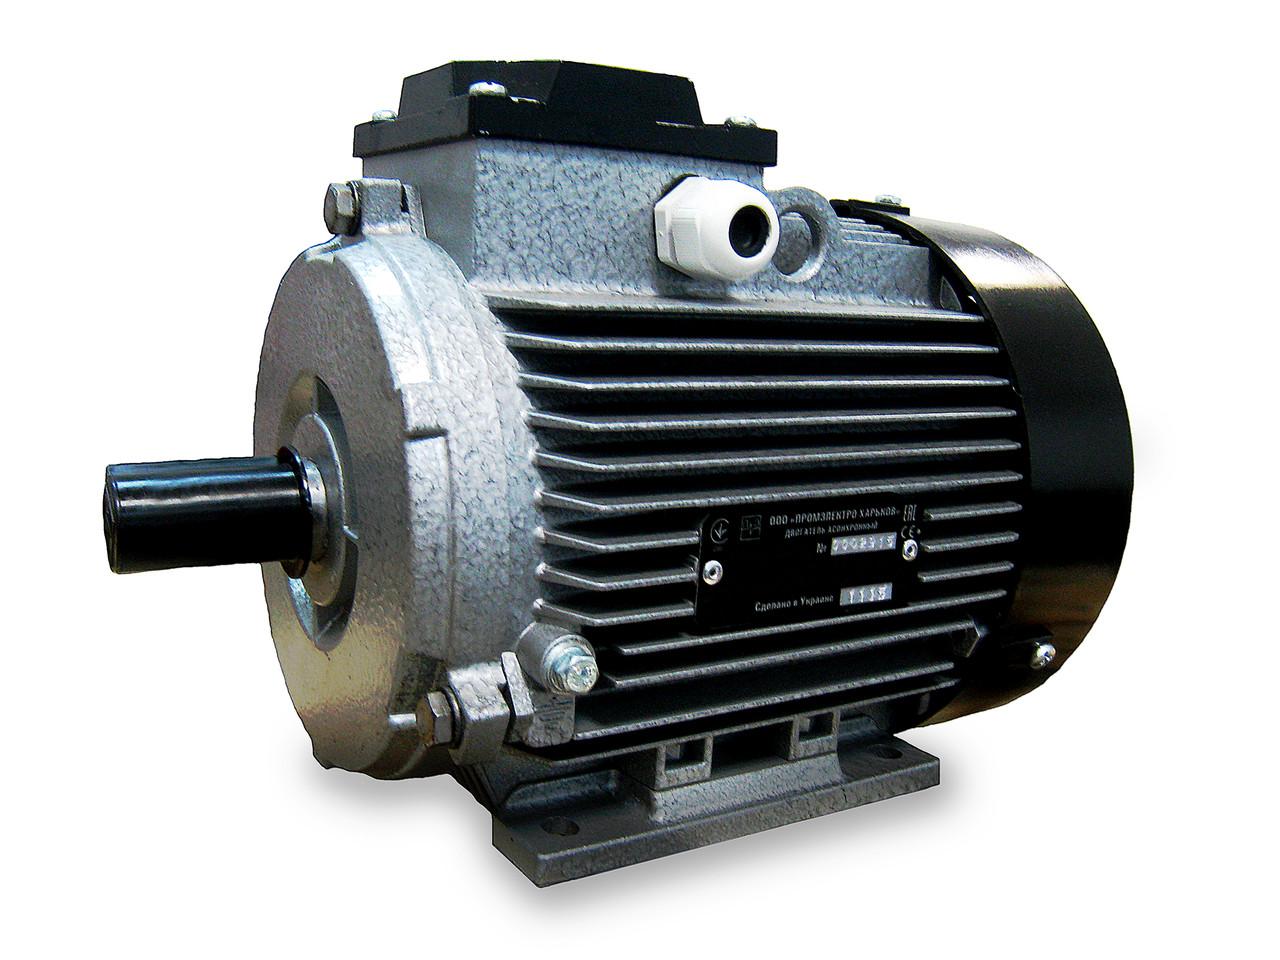 Трёхфазный электродвигатель АИР 100 L4 У2 (4 кВт, 1500 об/мин)